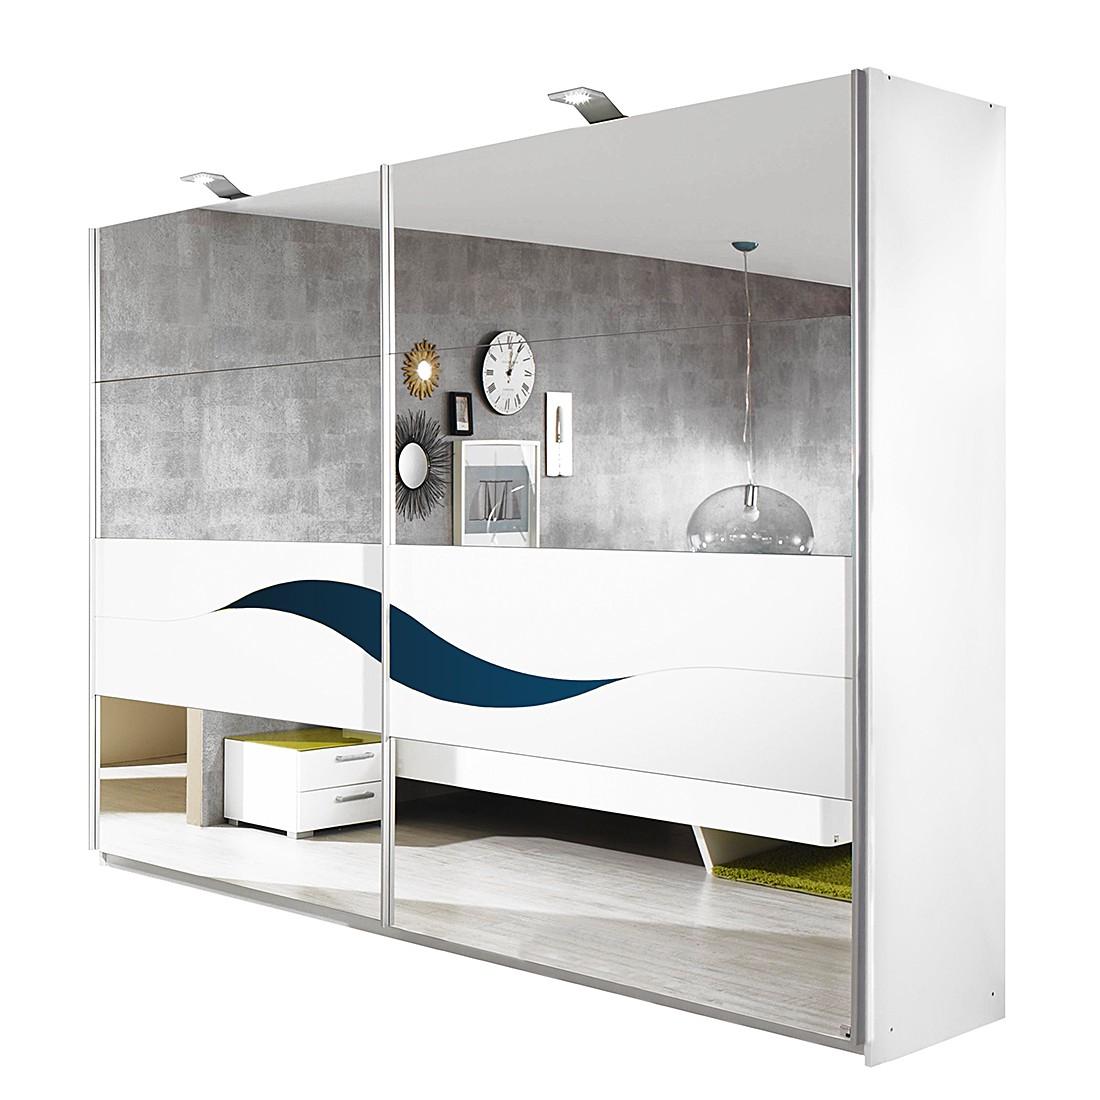 schwebet renschrank onella spiegel alpinwei mit glasabsetzung petrol schrankbreite 225 cm. Black Bedroom Furniture Sets. Home Design Ideas